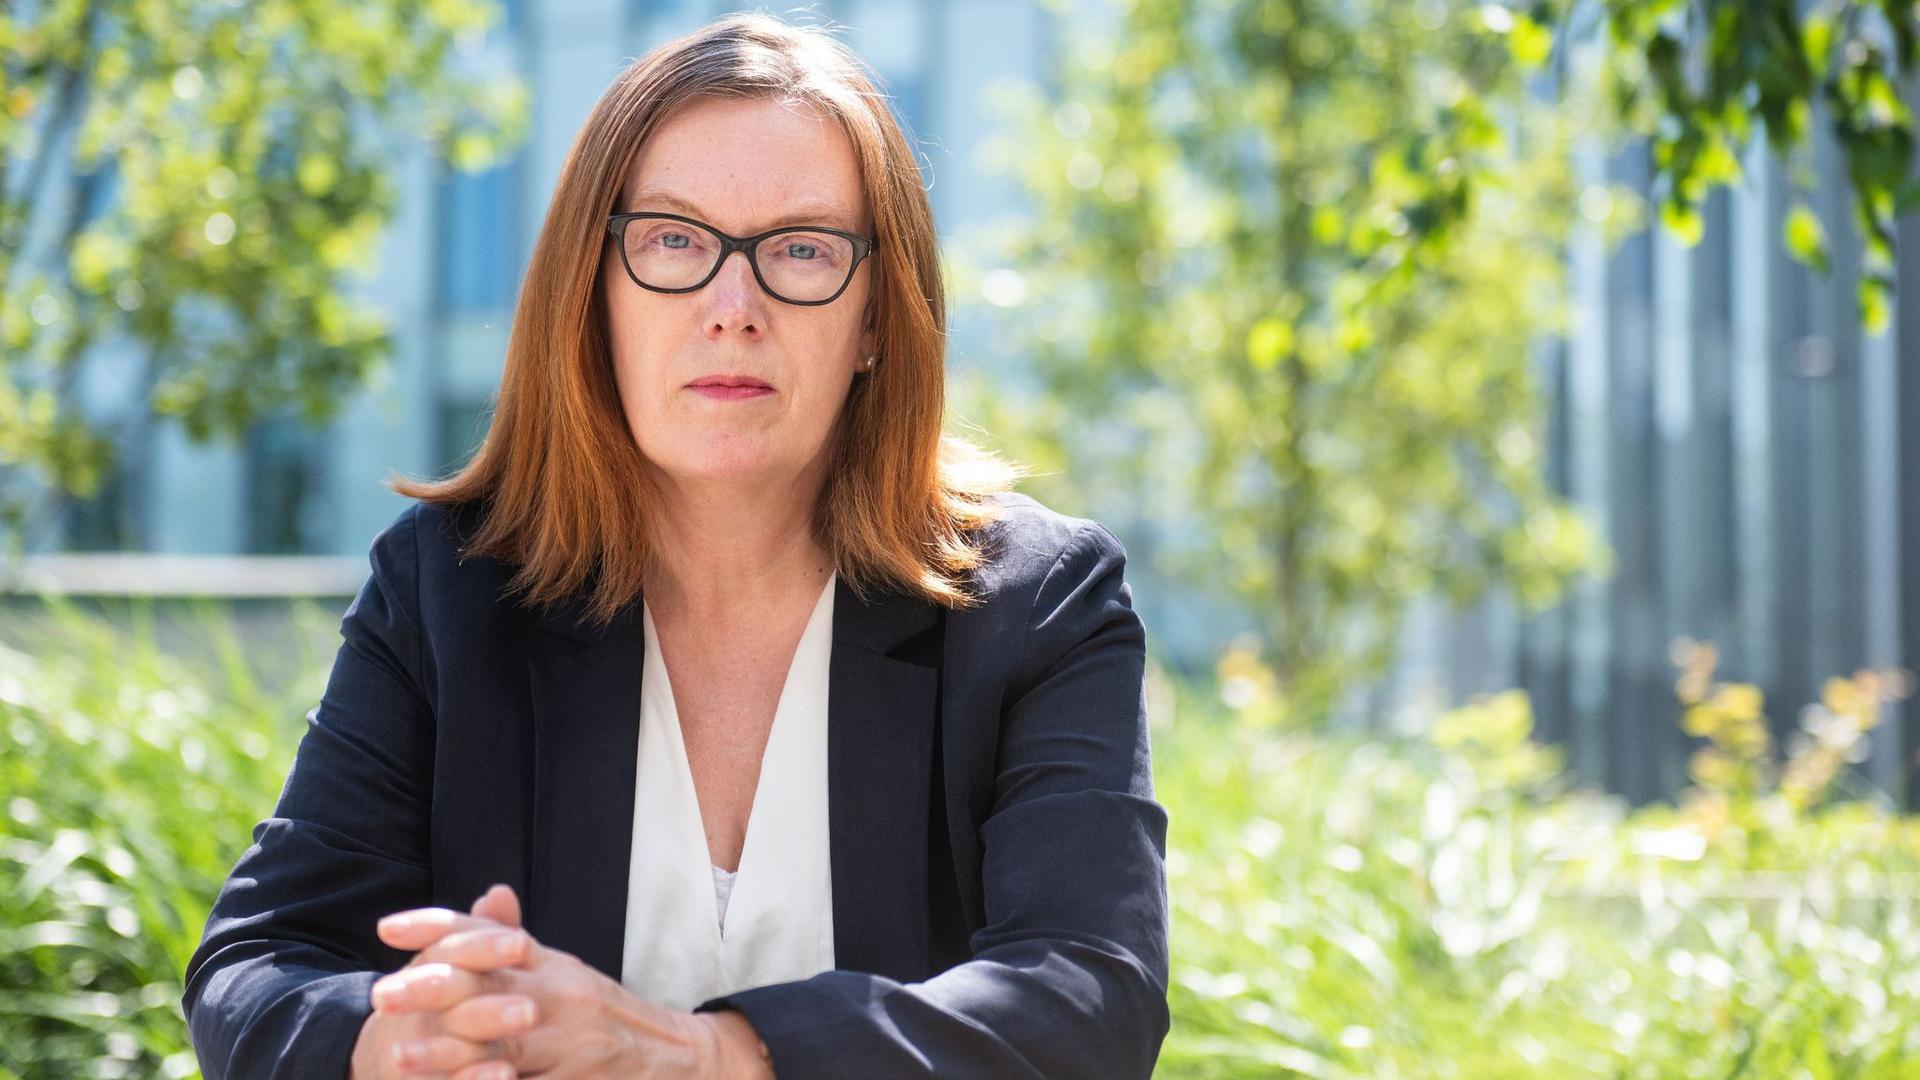 Sarah Gilbert ist die Entwicklerin des Astrazeneca-Impfstoffes.